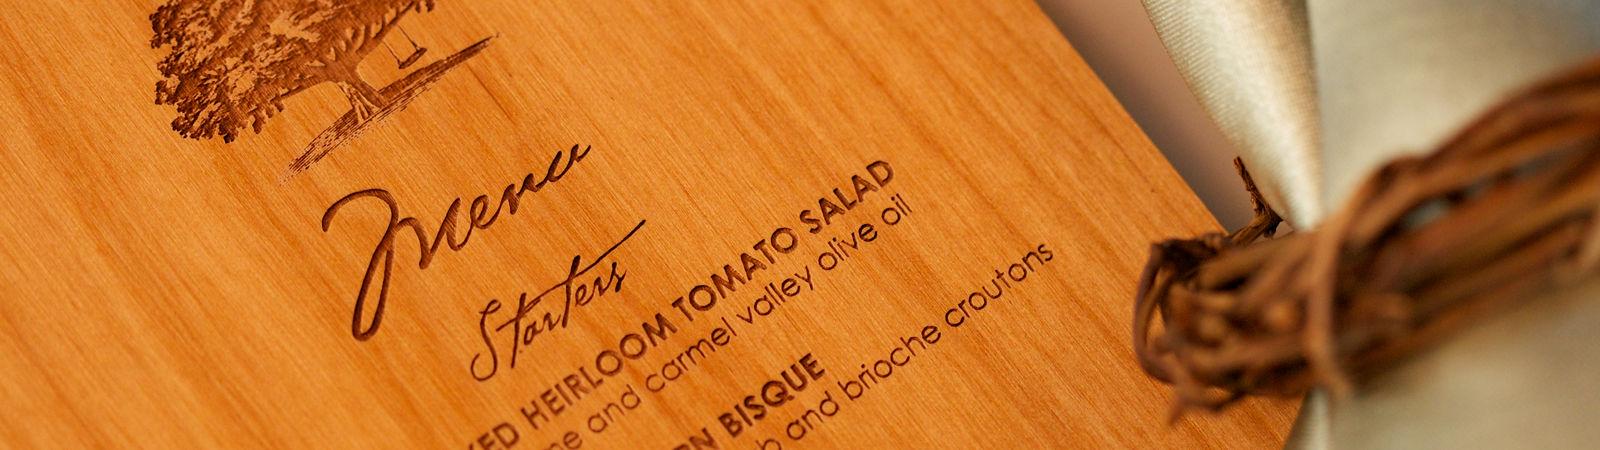 Carmel Valley Ranch_Weddings_menu printed on wood veneer